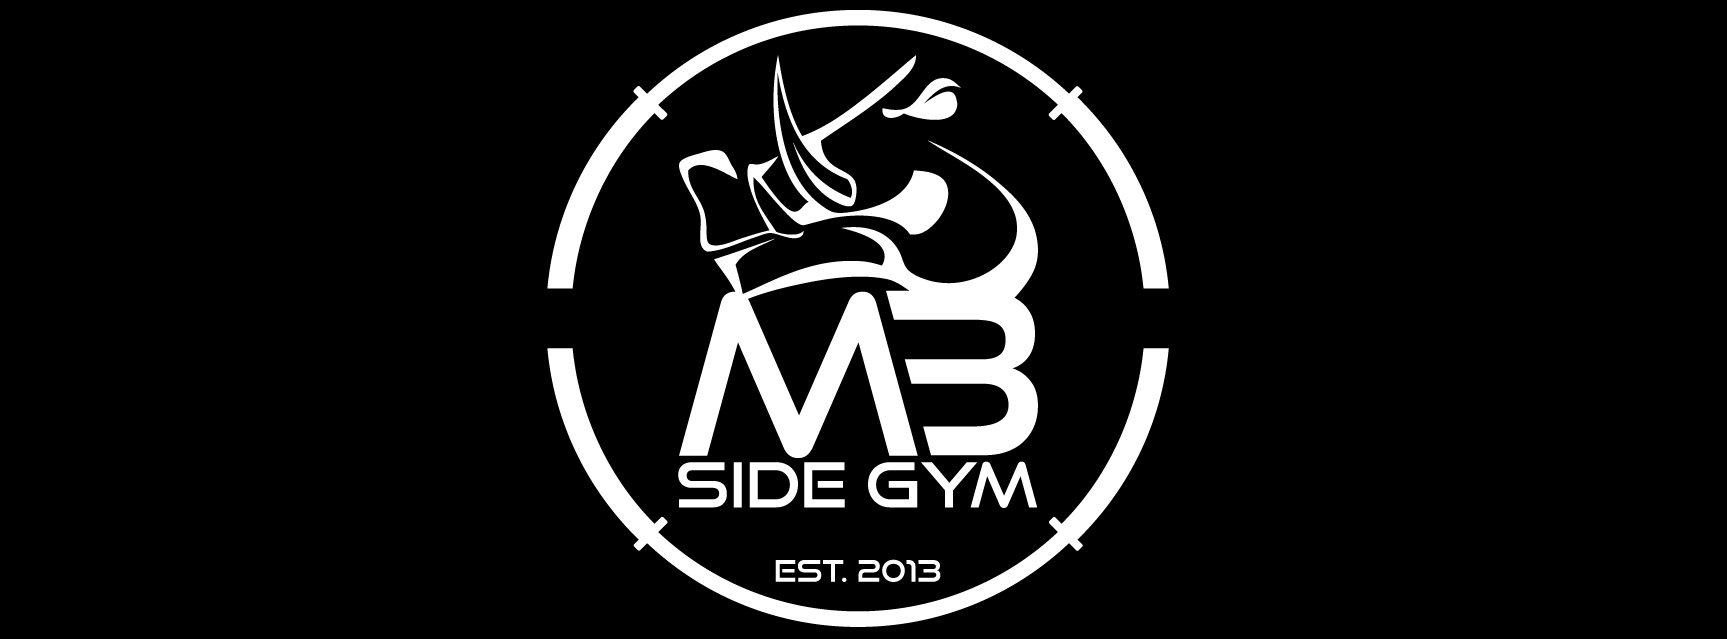 mbside_gym